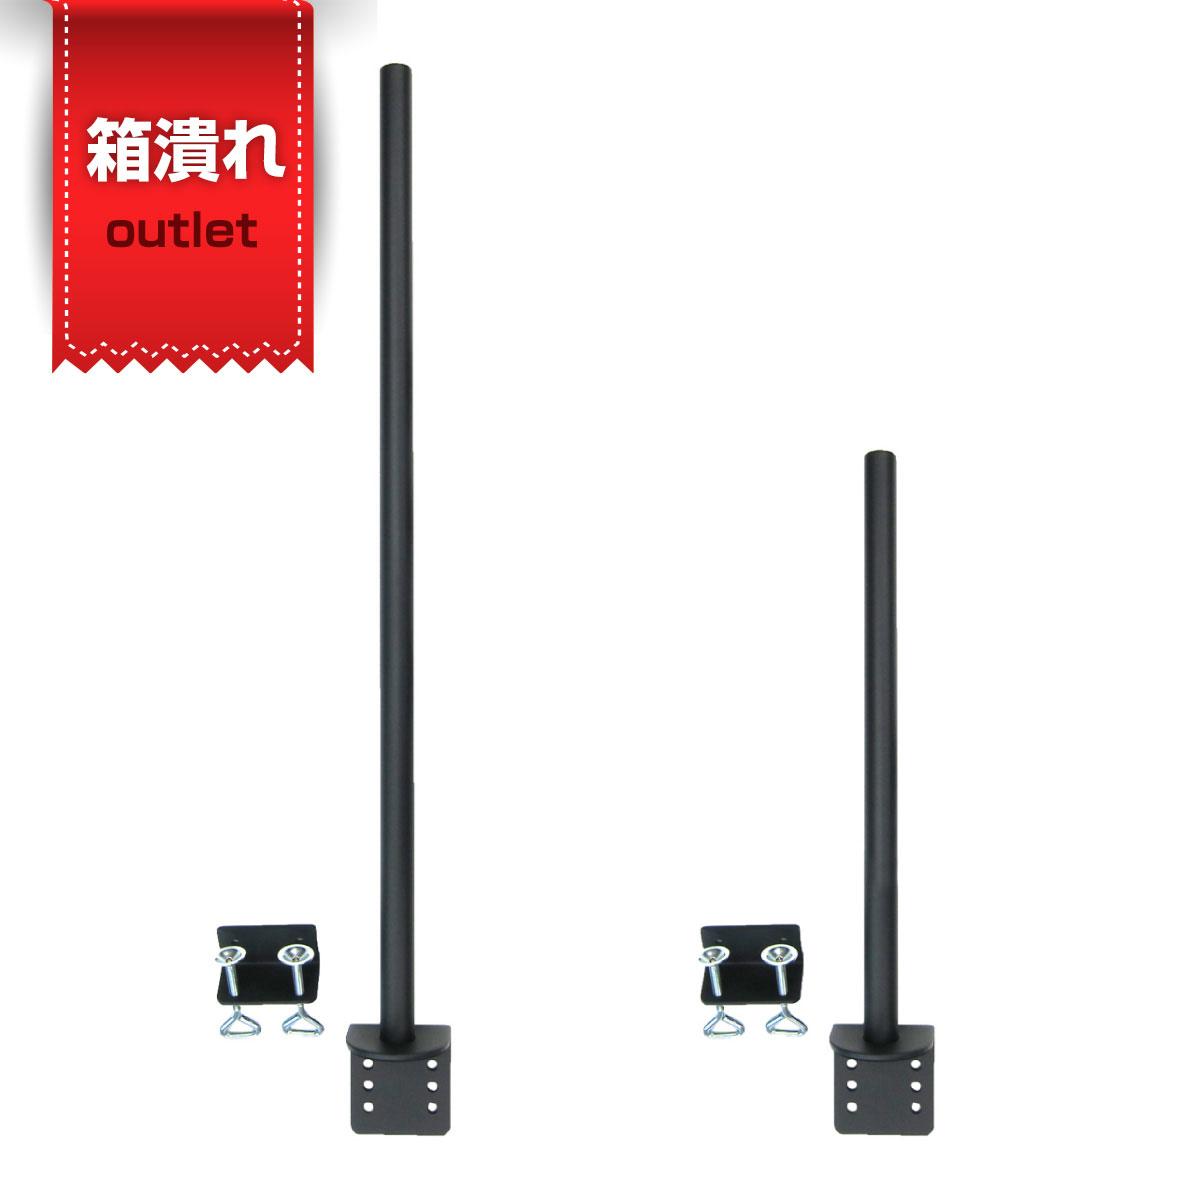 アウトレットモニターアーム用ロングポール(100cm)